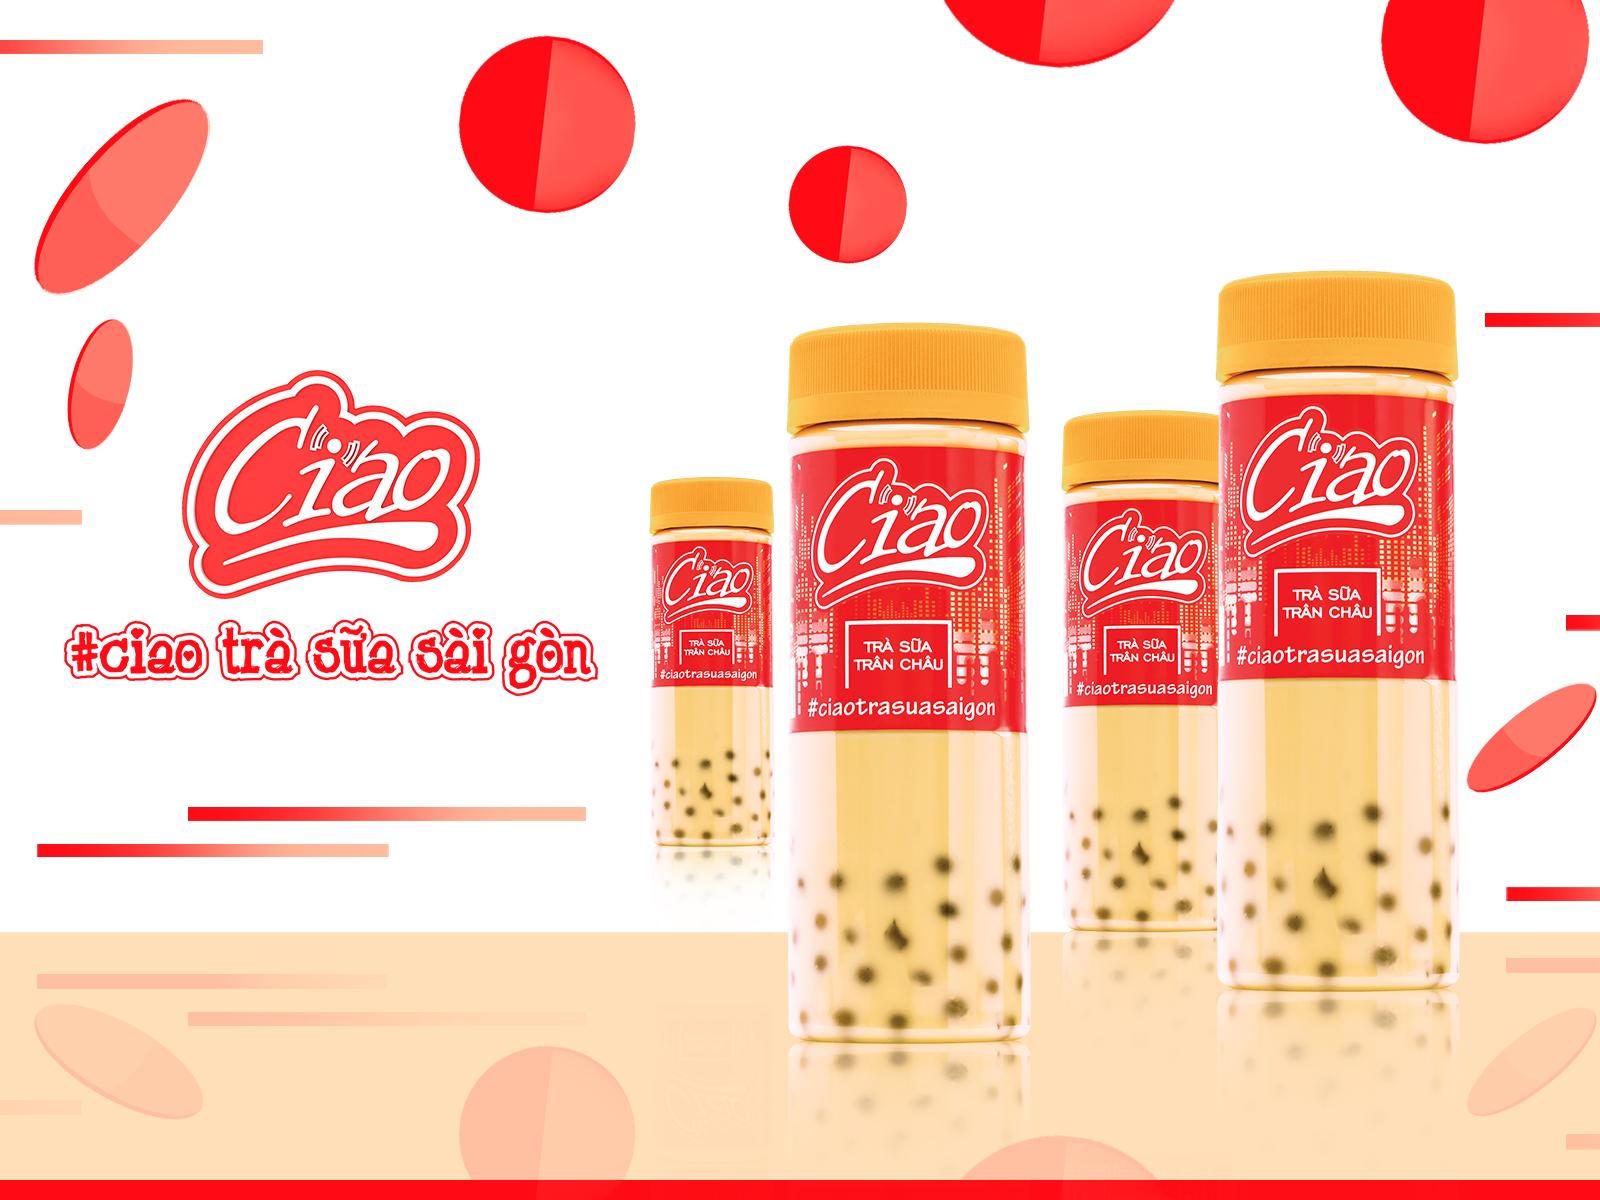 Ciao-Trà-Sữa-Sài-Gòn-01